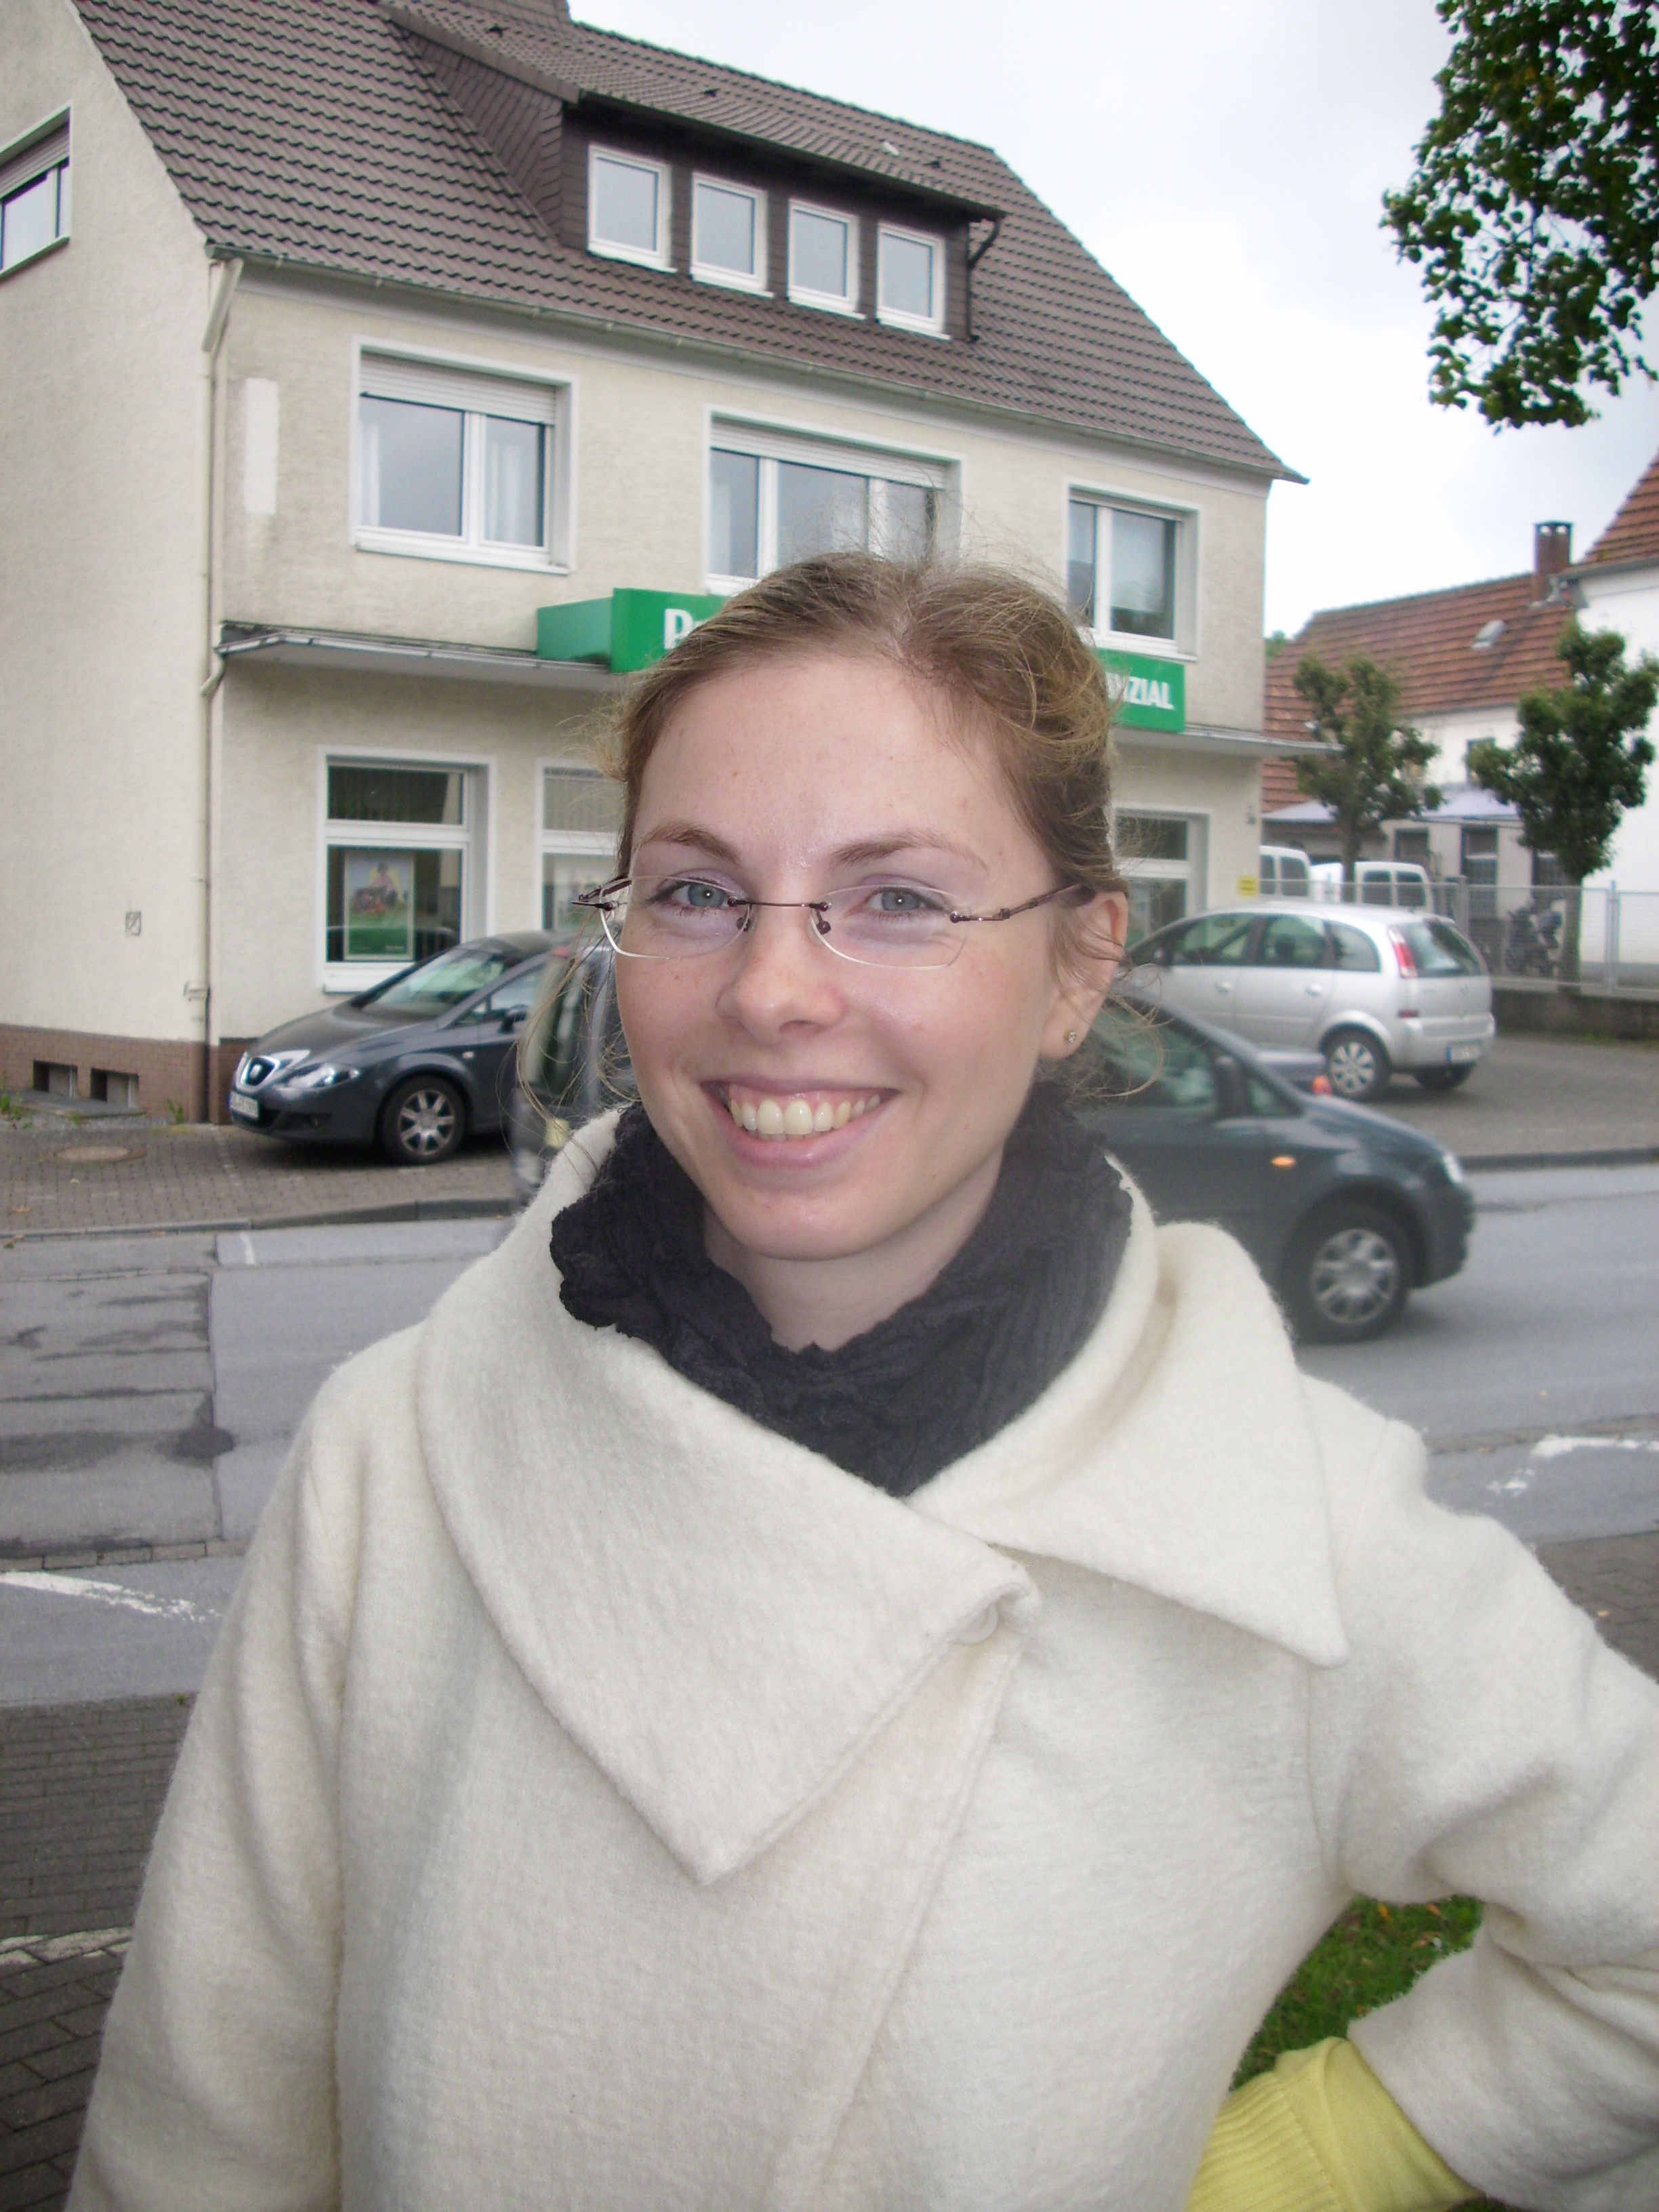 Annika Moellmann